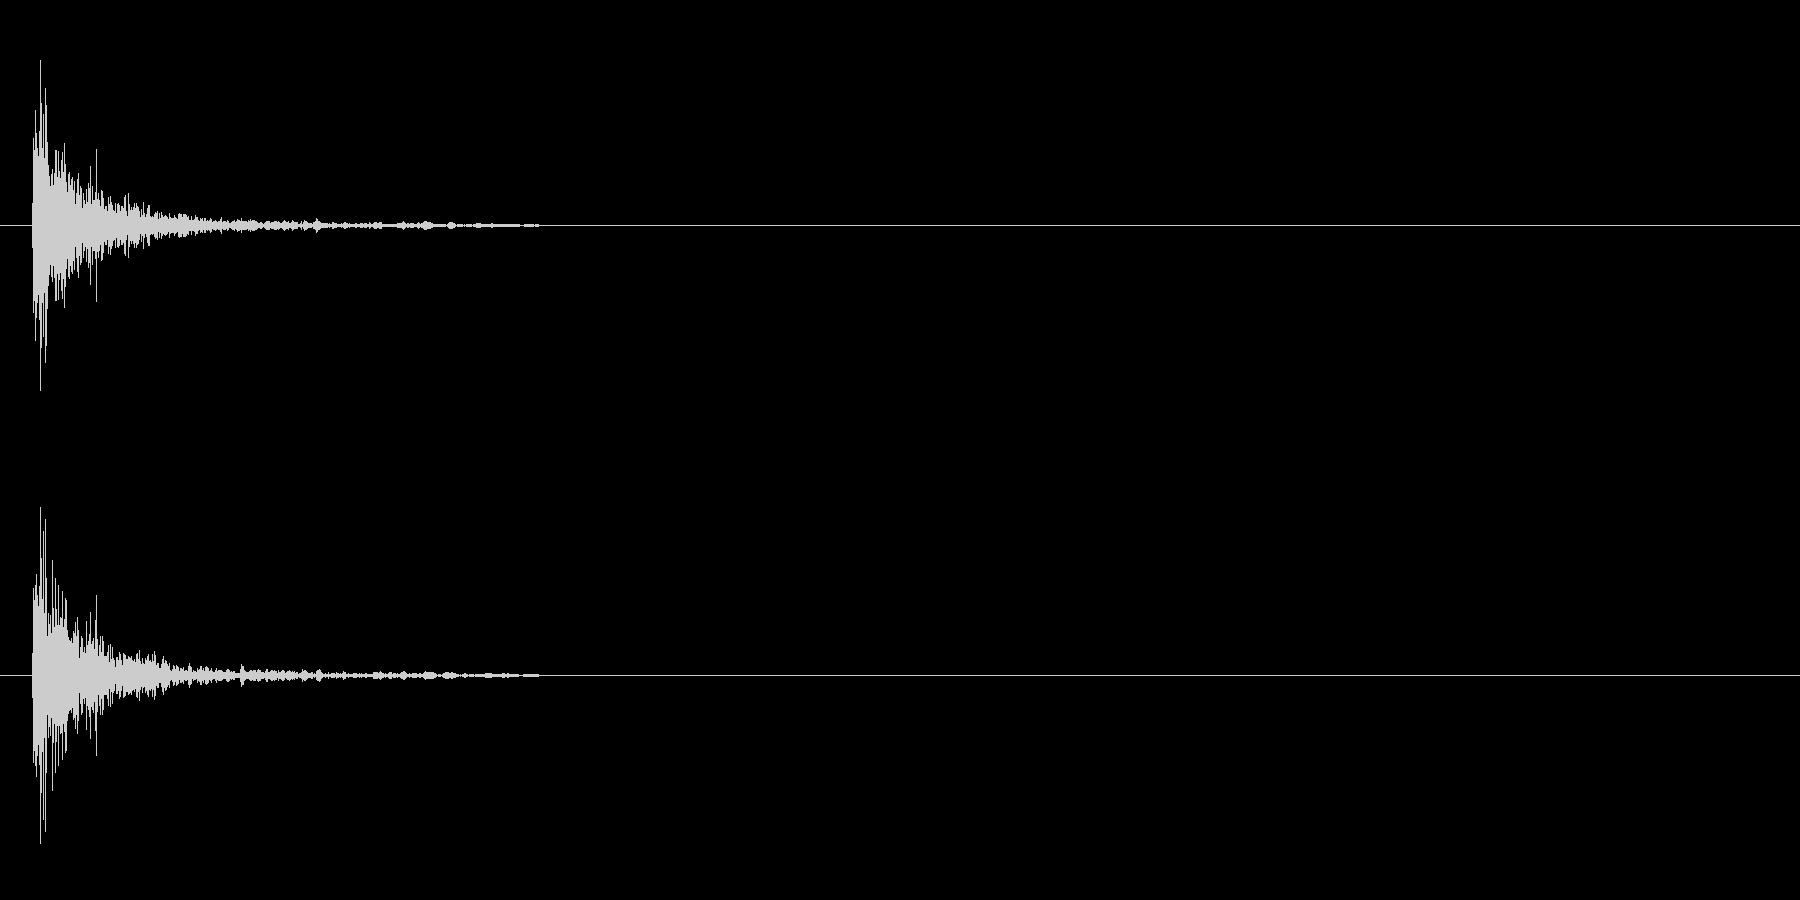 ダメージ音 7の未再生の波形